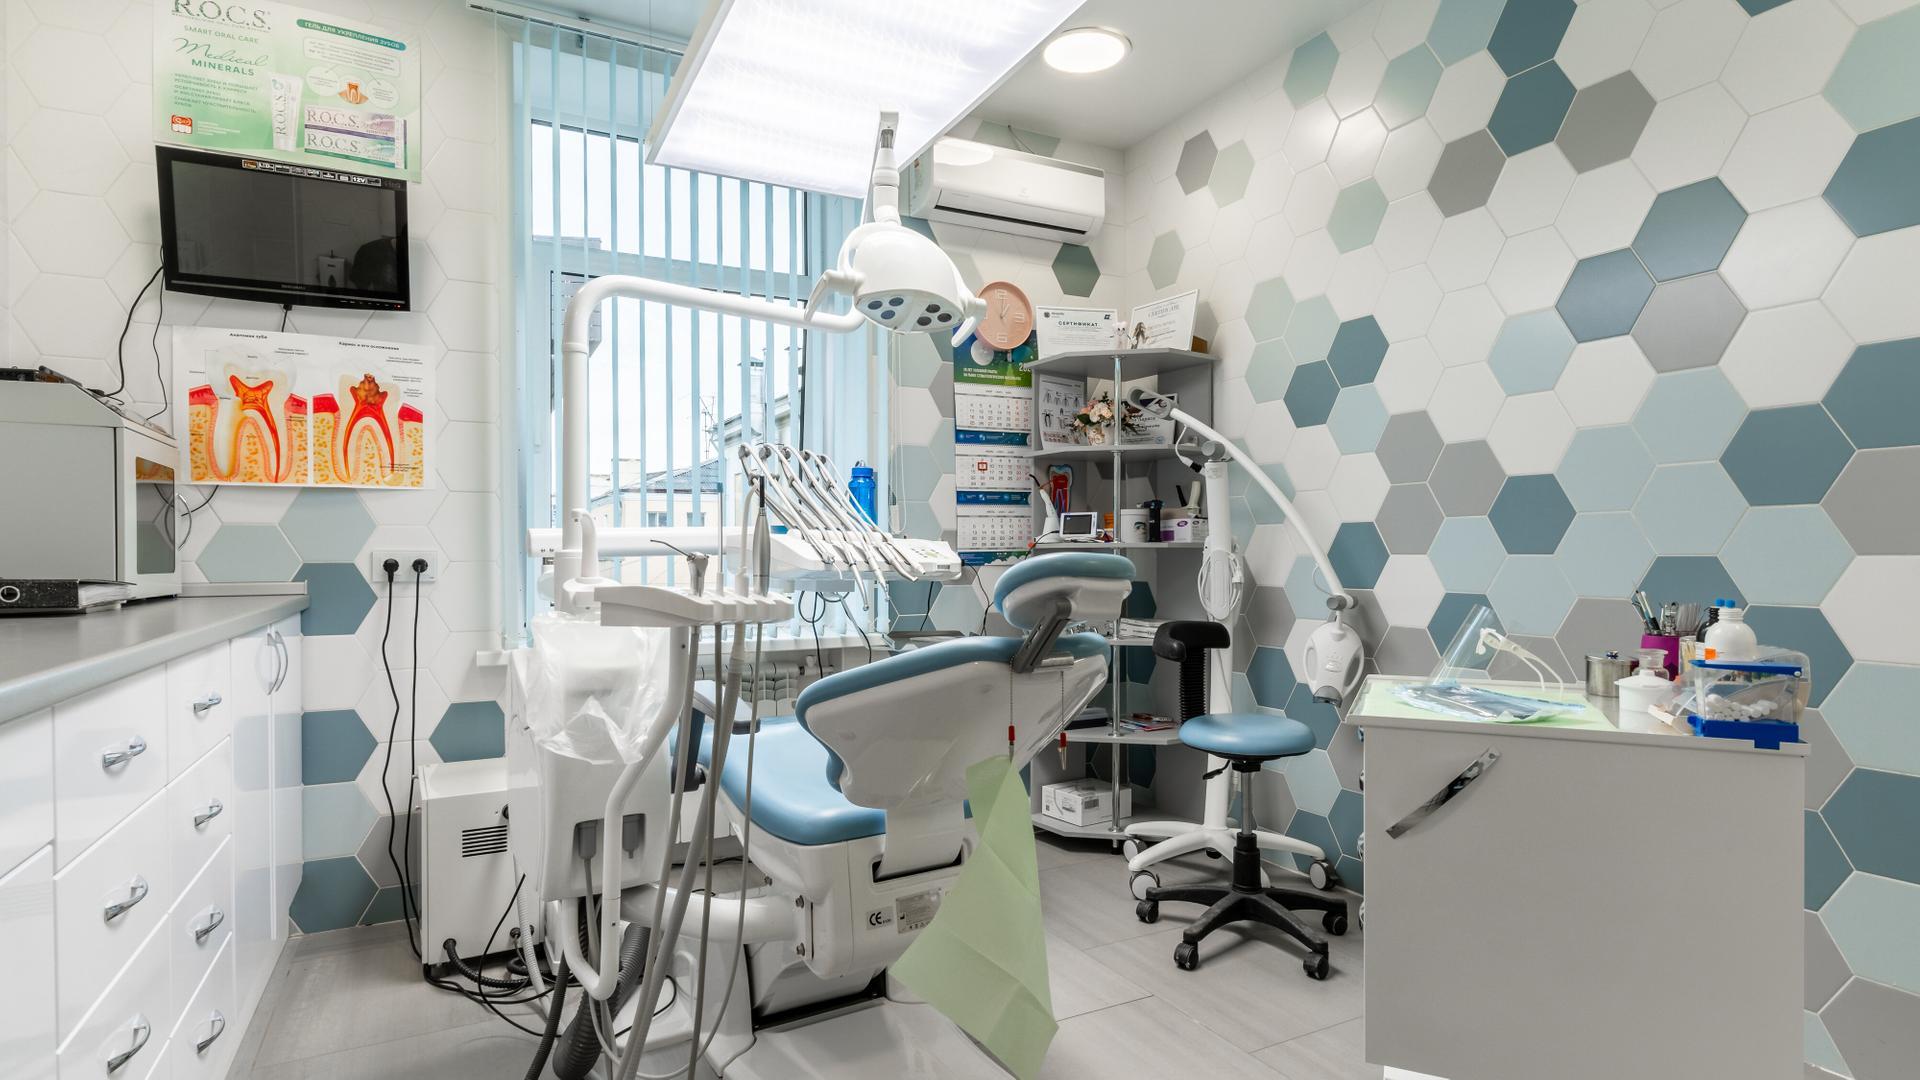 Стоматологический центр Альбадент в Калуге